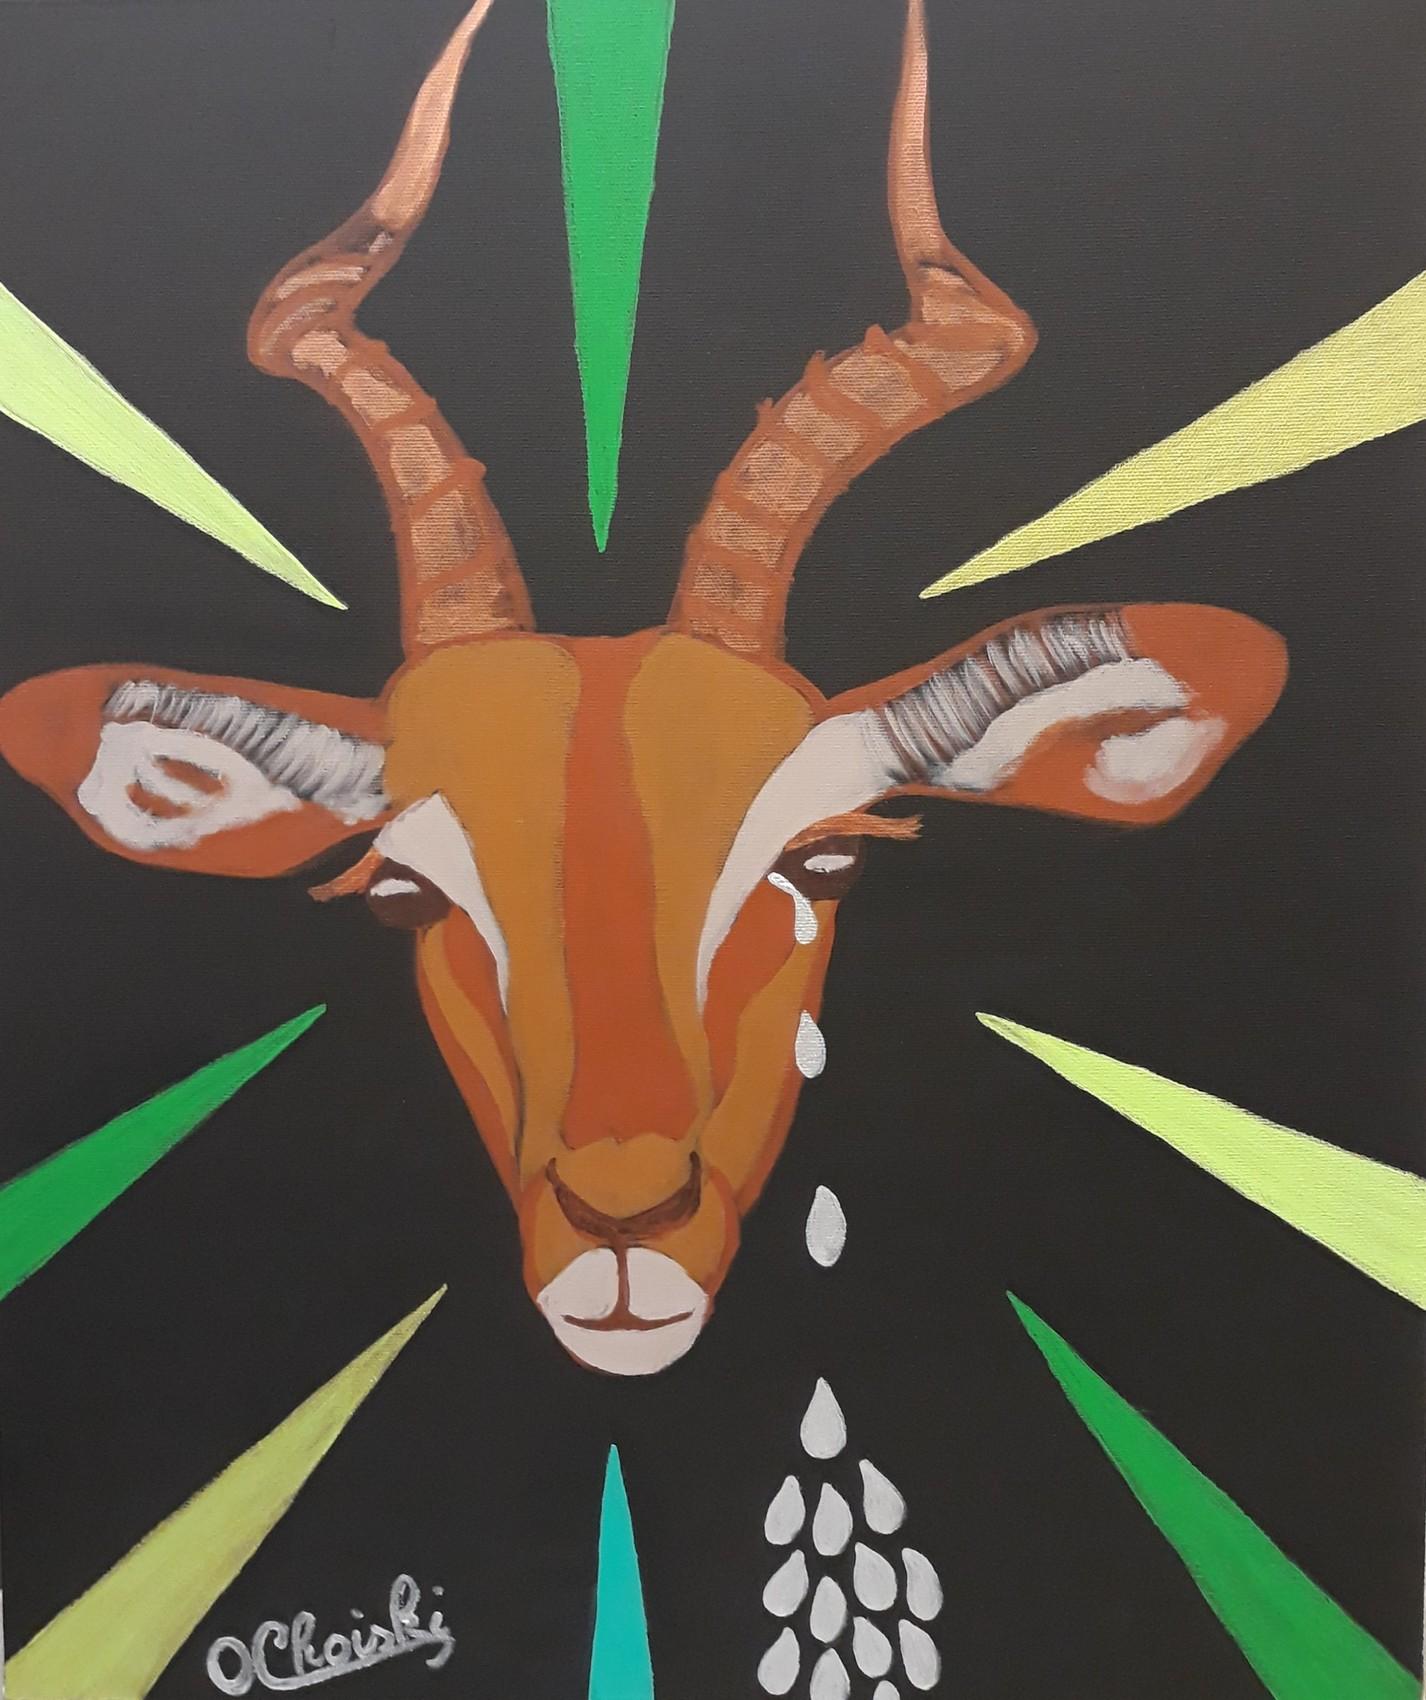 Impalas do not cry